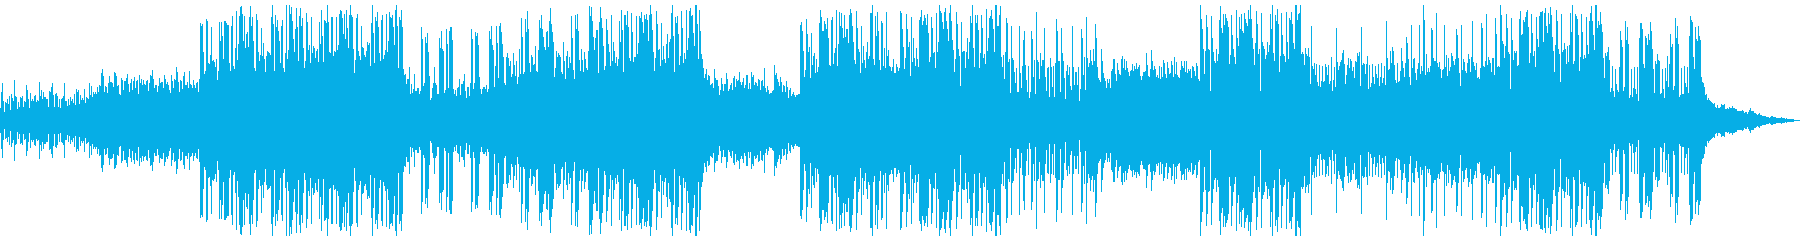 寂しく妖しげなCHILL系HIPHOPの再生済みの波形